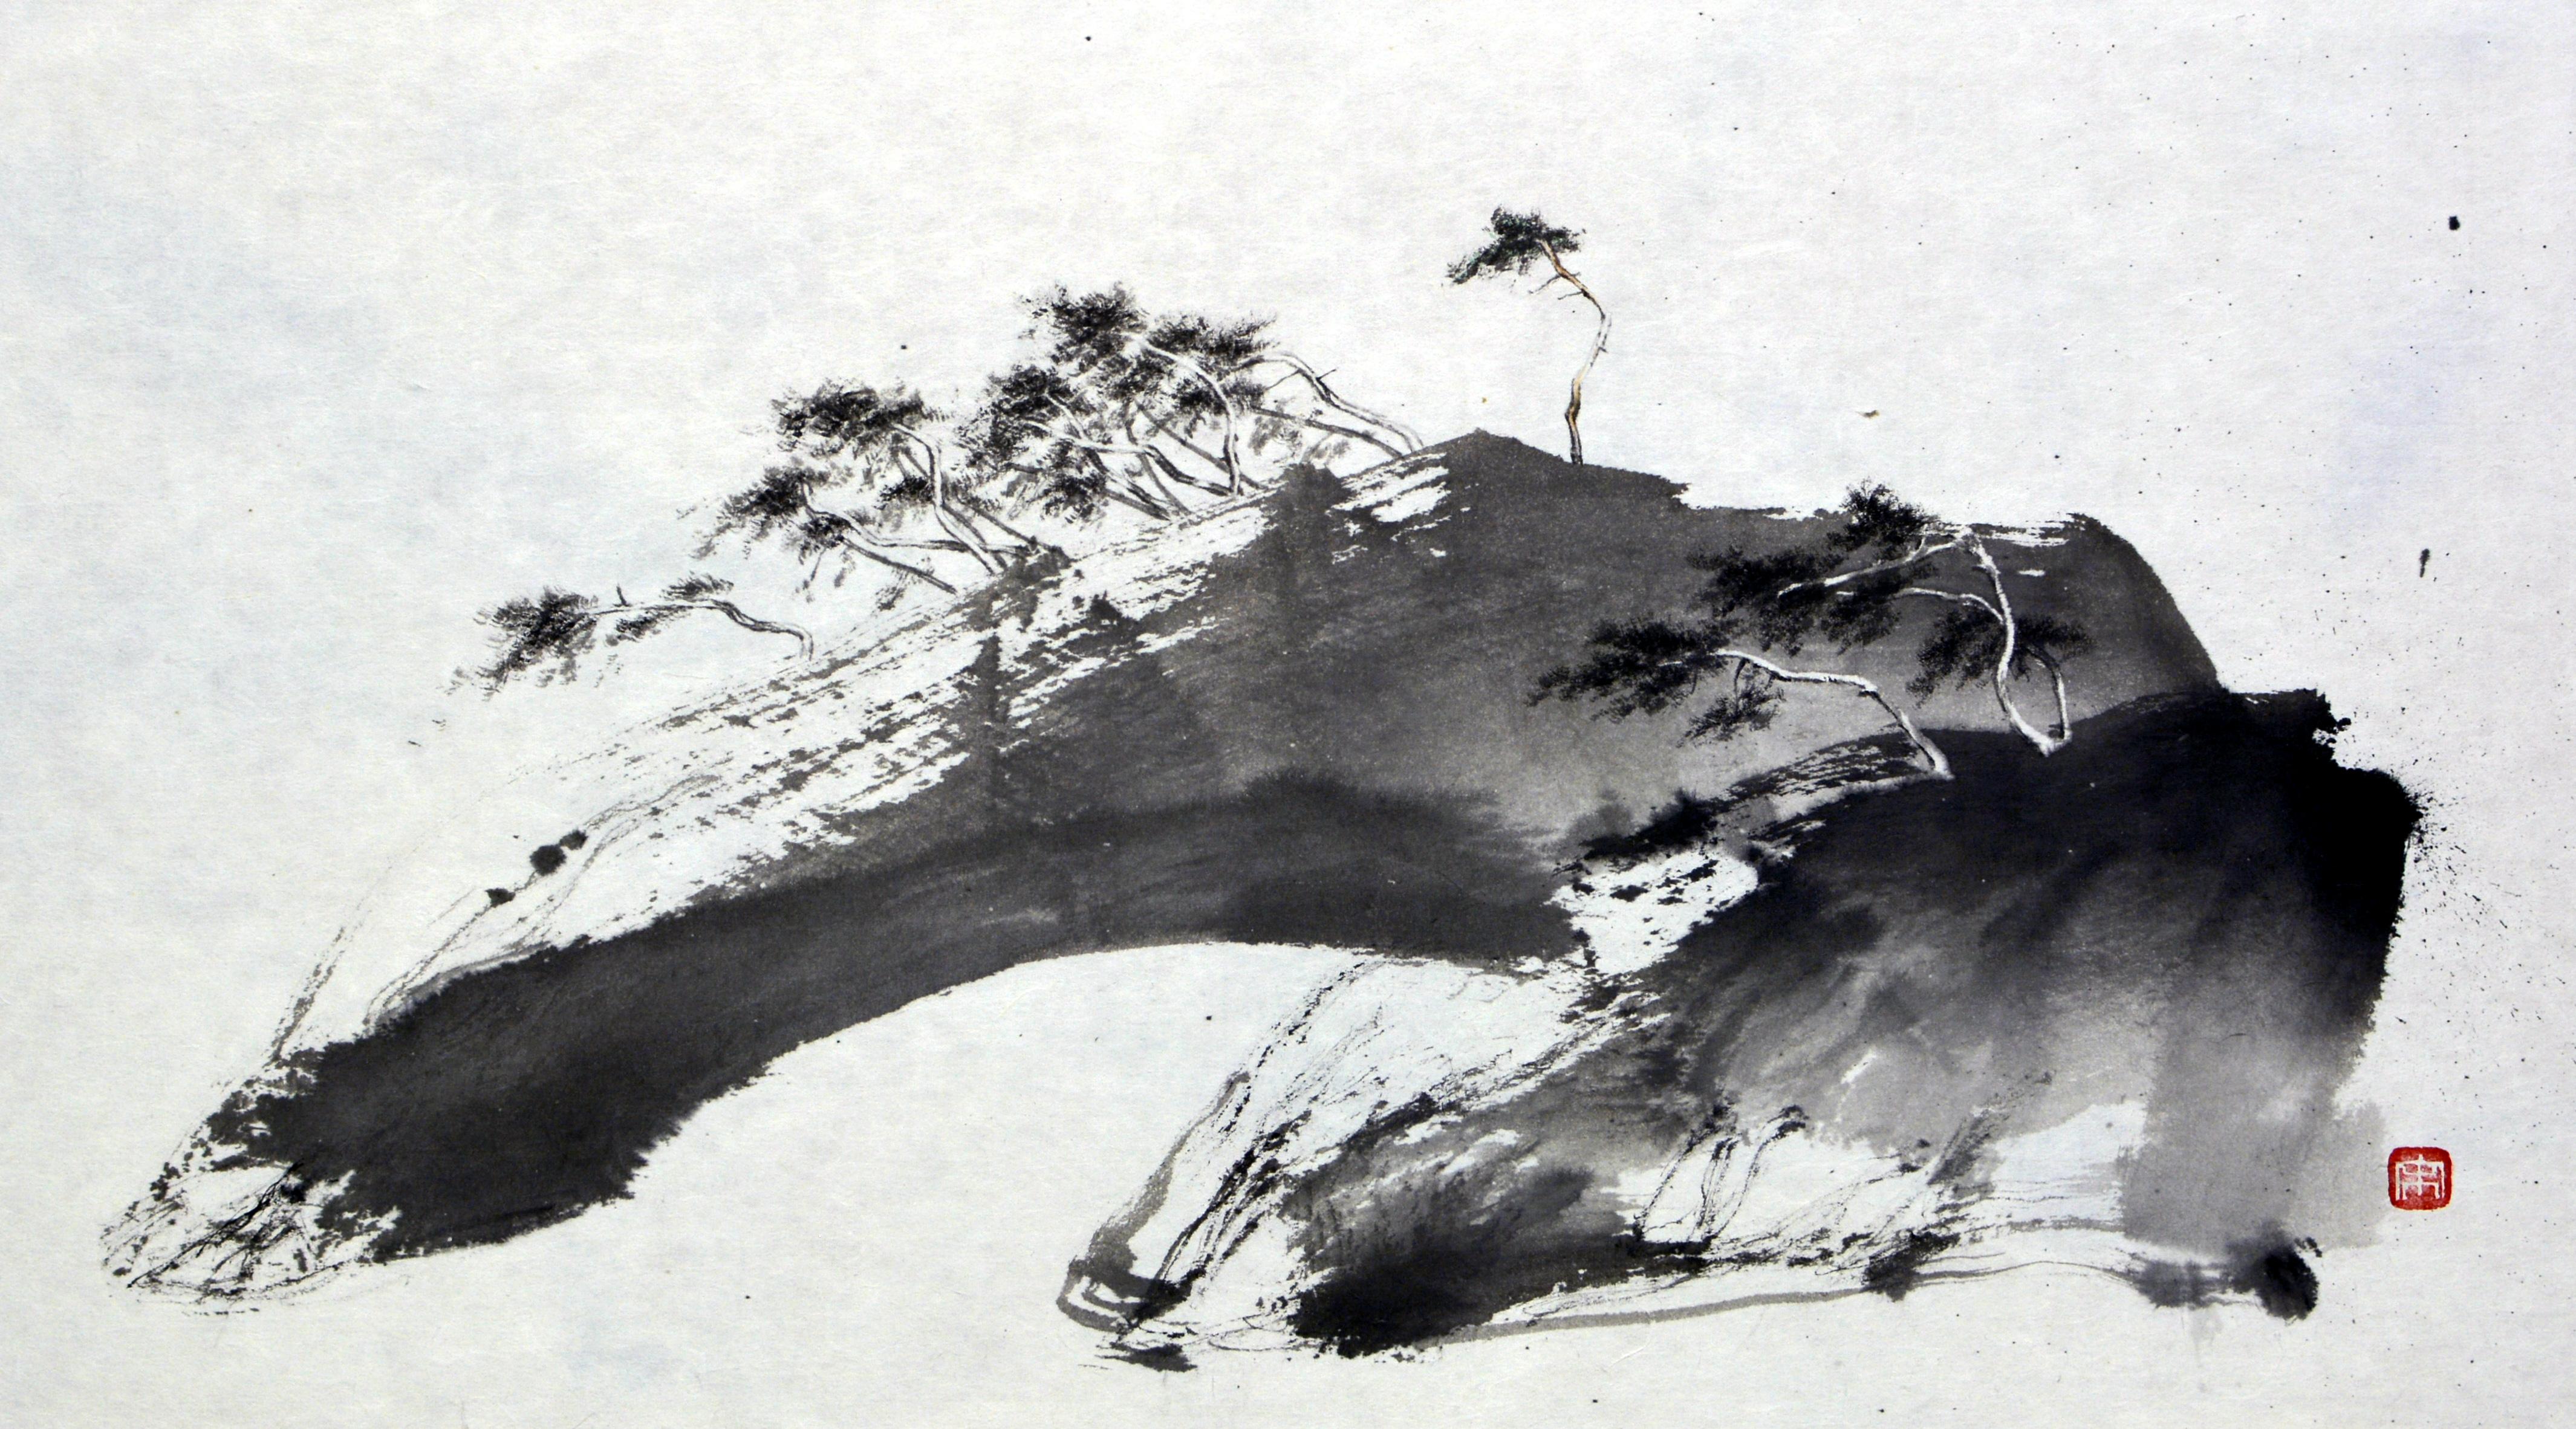 송승호005,가끔은 동쪽에서 바람이 분다, 62x34cm, 한지에 수묵 담채, 2017